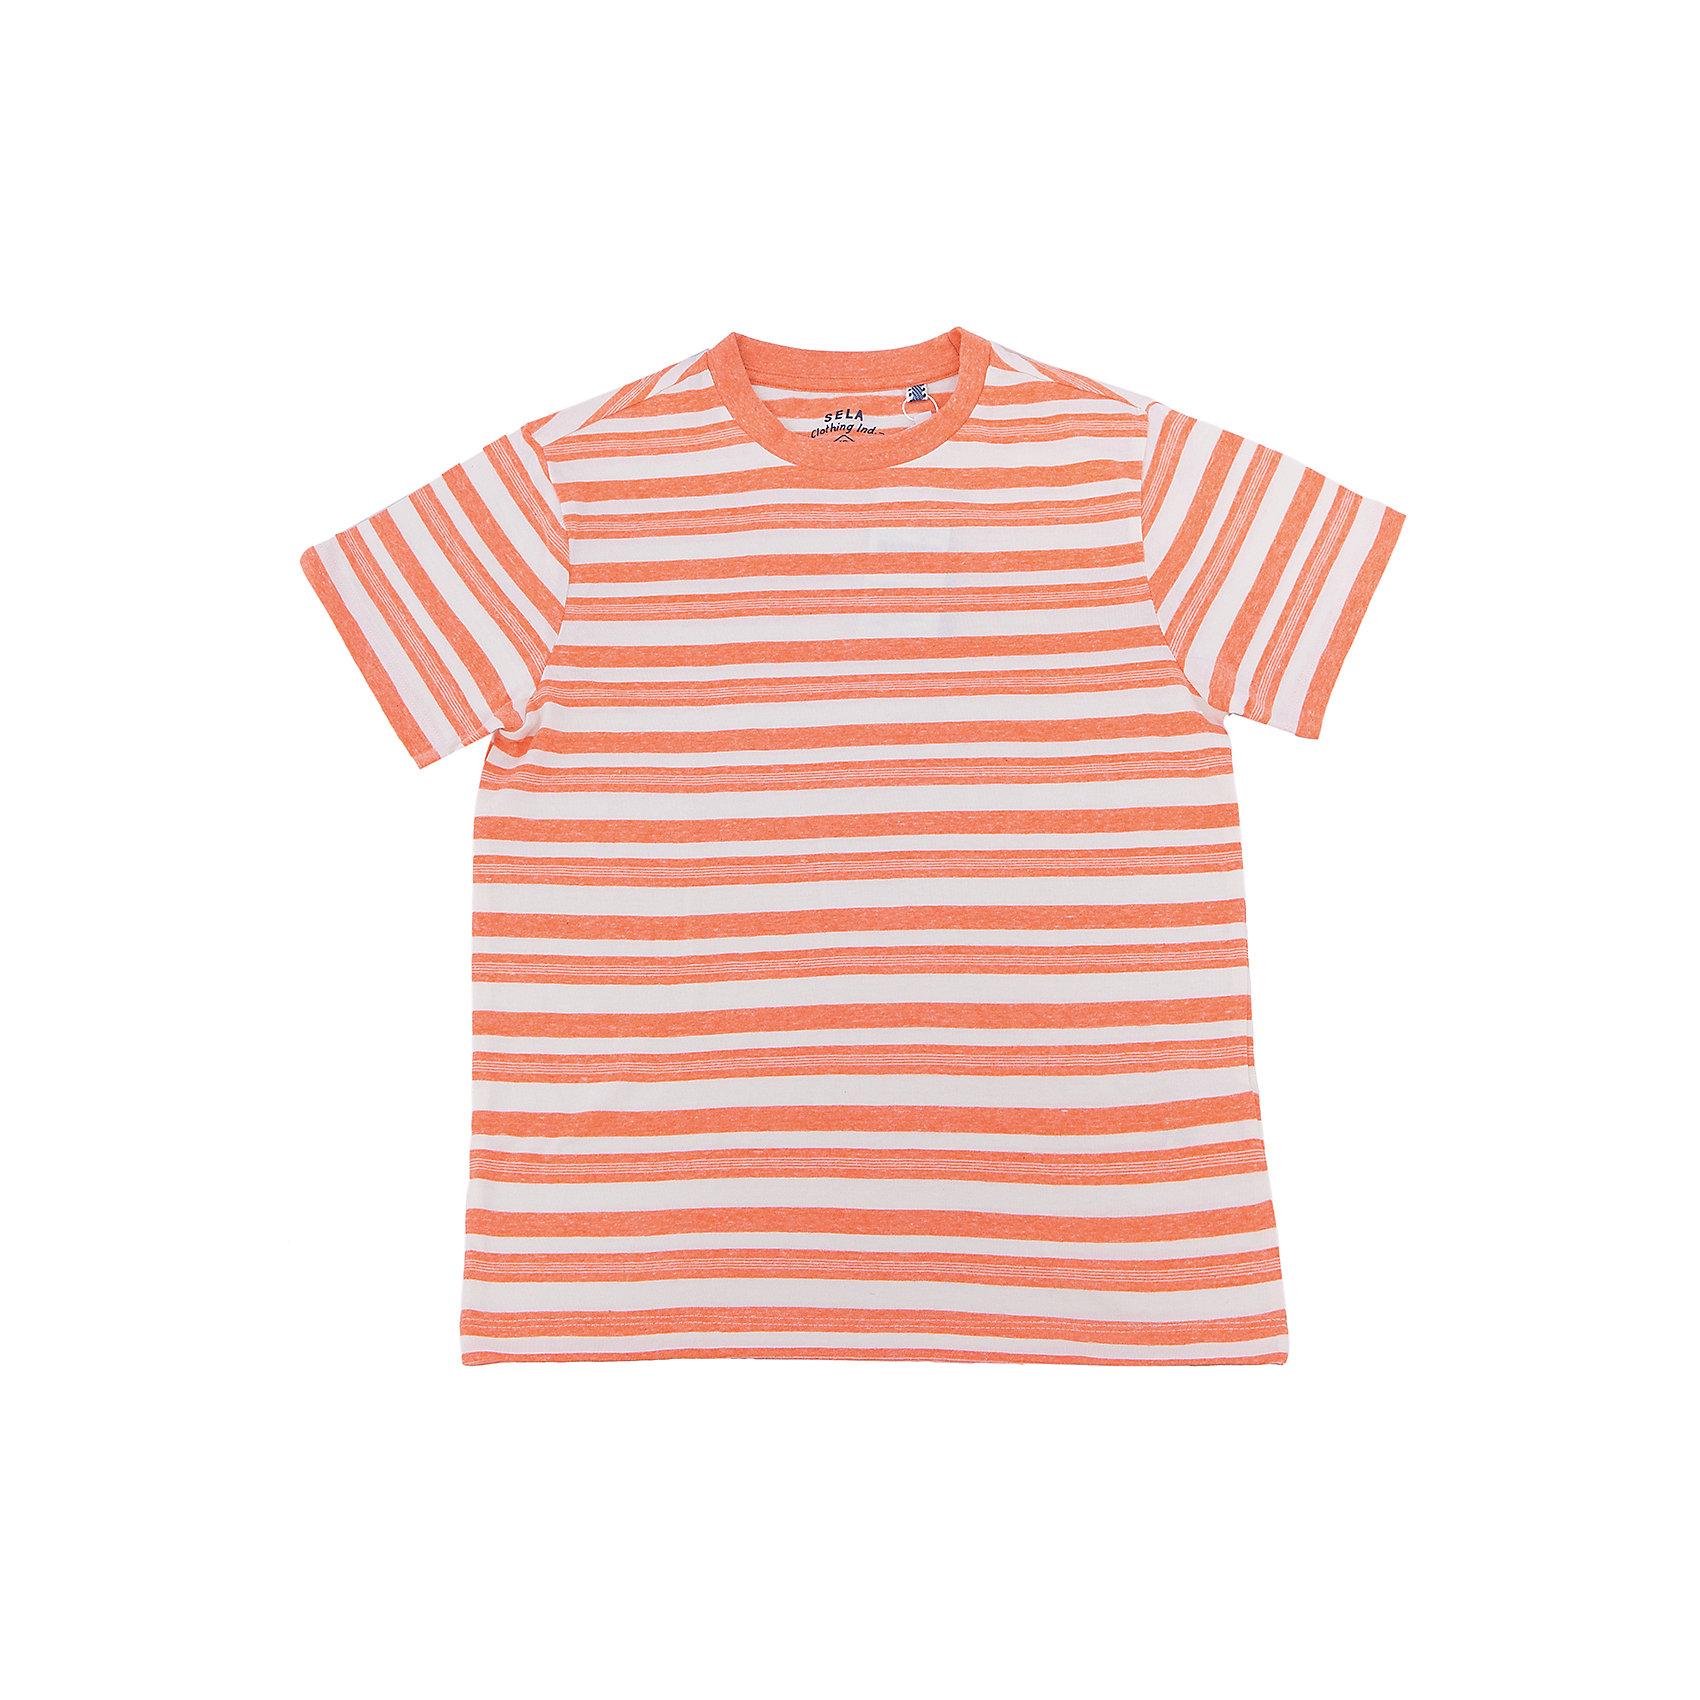 Футболка  для мальчика SELAФутболки, поло и топы<br>Характеристики товара:<br><br>• цвет: желтый<br>• состав: 100% хлопок<br>• принт<br>• короткие рукава<br>• округлый горловой вырез<br>• страна бренда: Российская Федерация<br><br>В новой коллекции SELA отличные модели одежды! Эта футболка для мальчика поможет разнообразить гардероб ребенка и обеспечить комфорт. Она отлично сочетается с джинсами и брюками. Удобная базовая вещь!<br><br>Футболку для мальчика от популярного бренда SELA (СЕЛА) можно купить в нашем интернет-магазине.<br><br>Ширина мм: 230<br>Глубина мм: 40<br>Высота мм: 220<br>Вес г: 250<br>Цвет: оранжевый<br>Возраст от месяцев: 132<br>Возраст до месяцев: 144<br>Пол: Мужской<br>Возраст: Детский<br>Размер: 152,116,122,128,134,140,146<br>SKU: 5304065